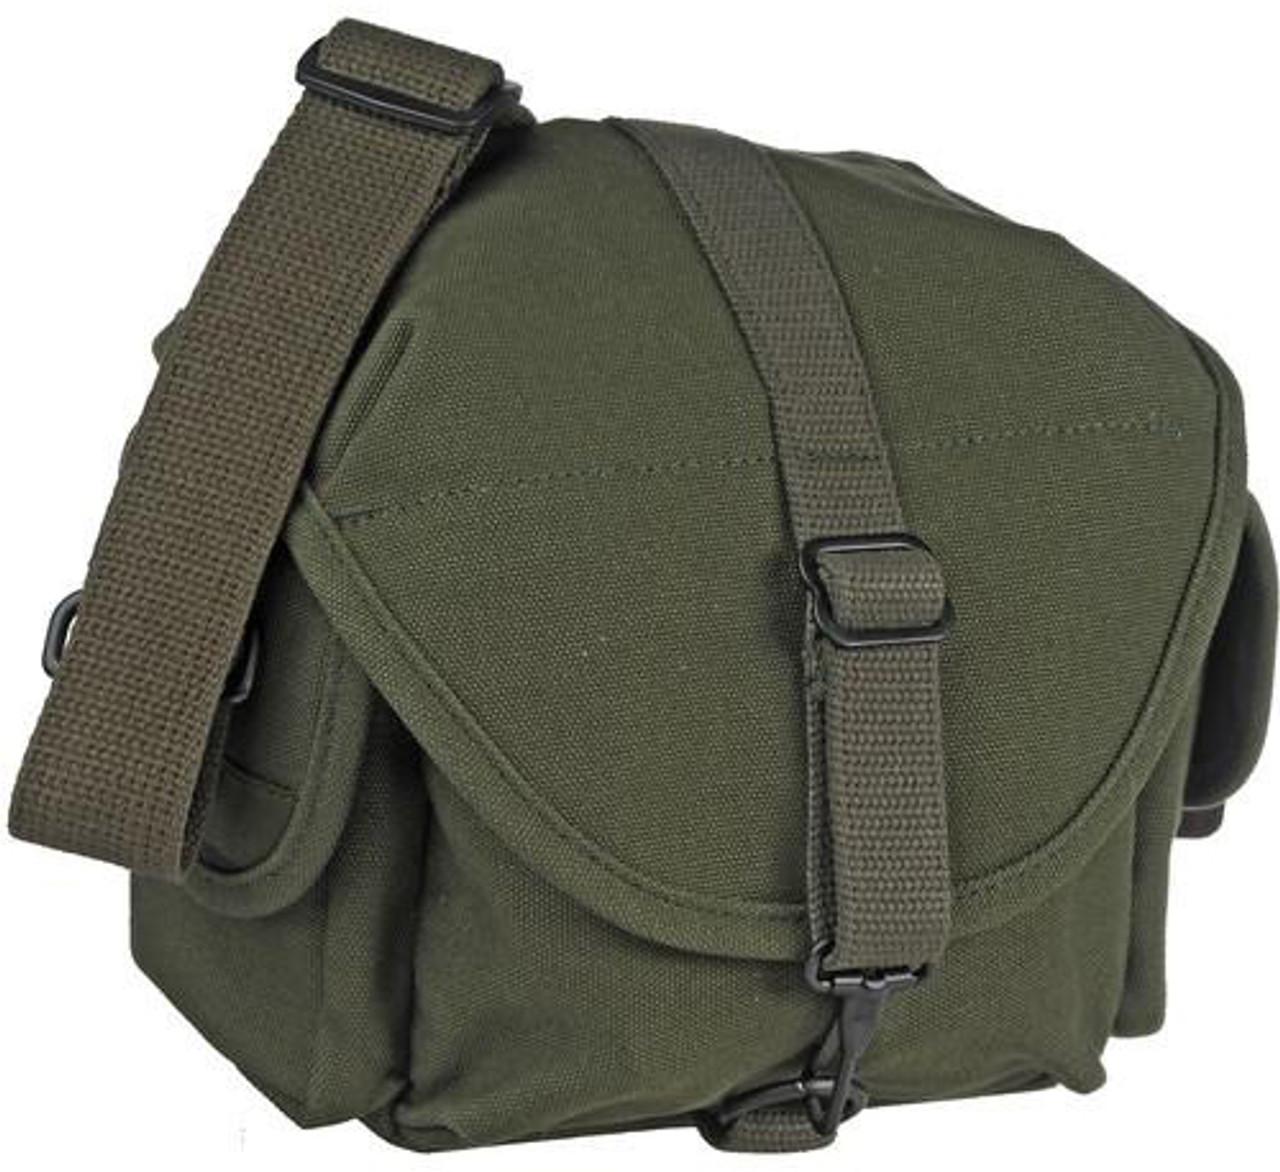 Domke F-8 Small Canvas Shoulder Bag (Olive)